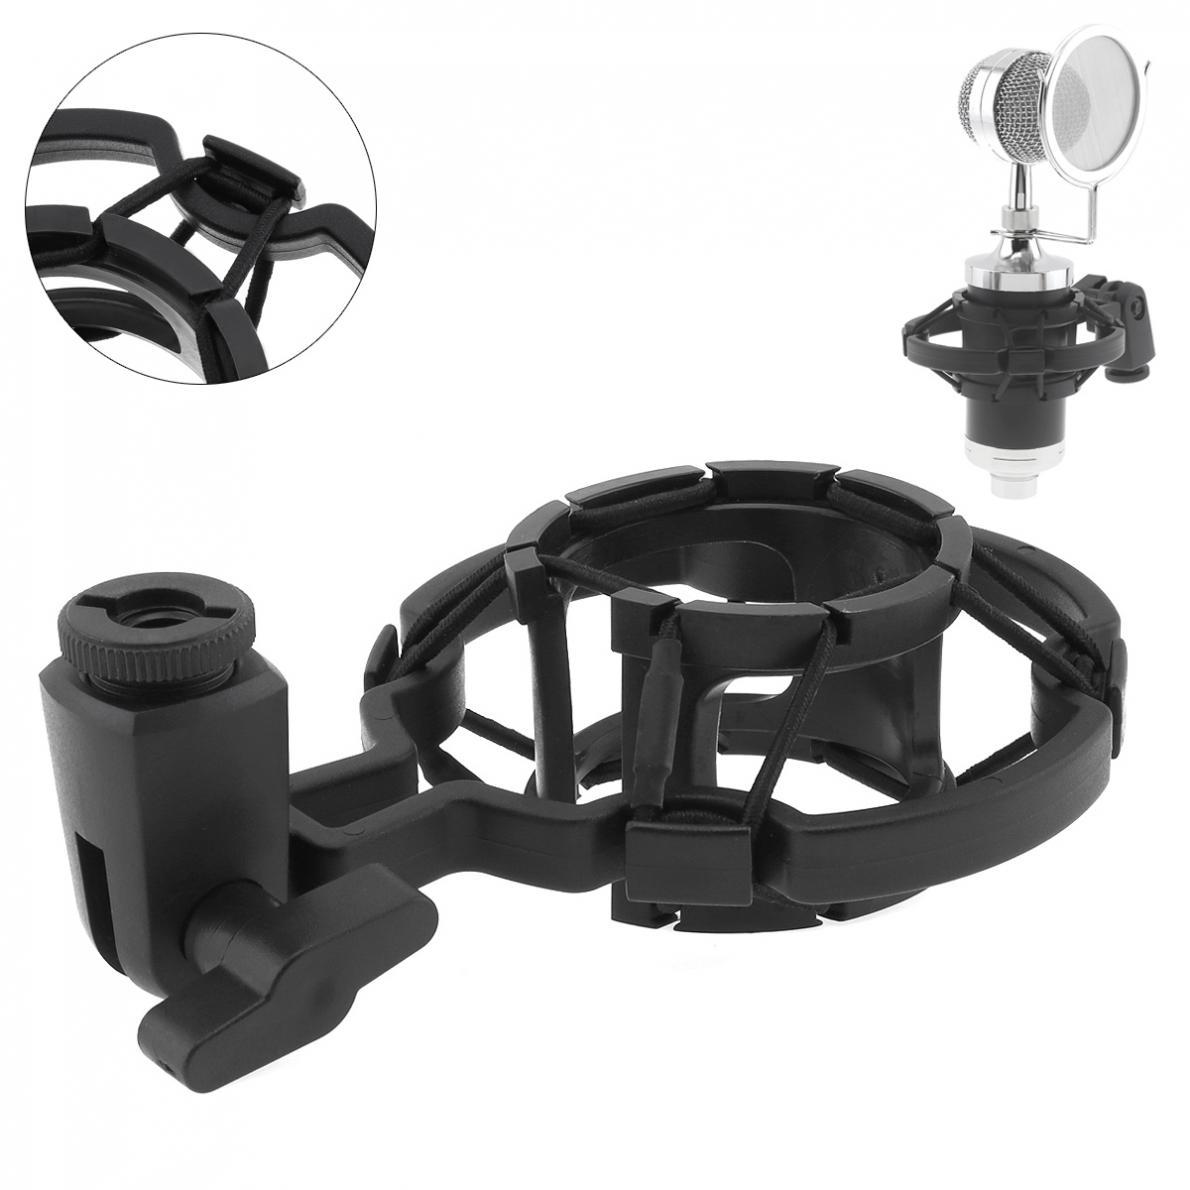 Пластиковый студийный зажим для записи паука, подставка для микрофона, ударное крепление с передачей для компьютера, конденсаторный микроф...